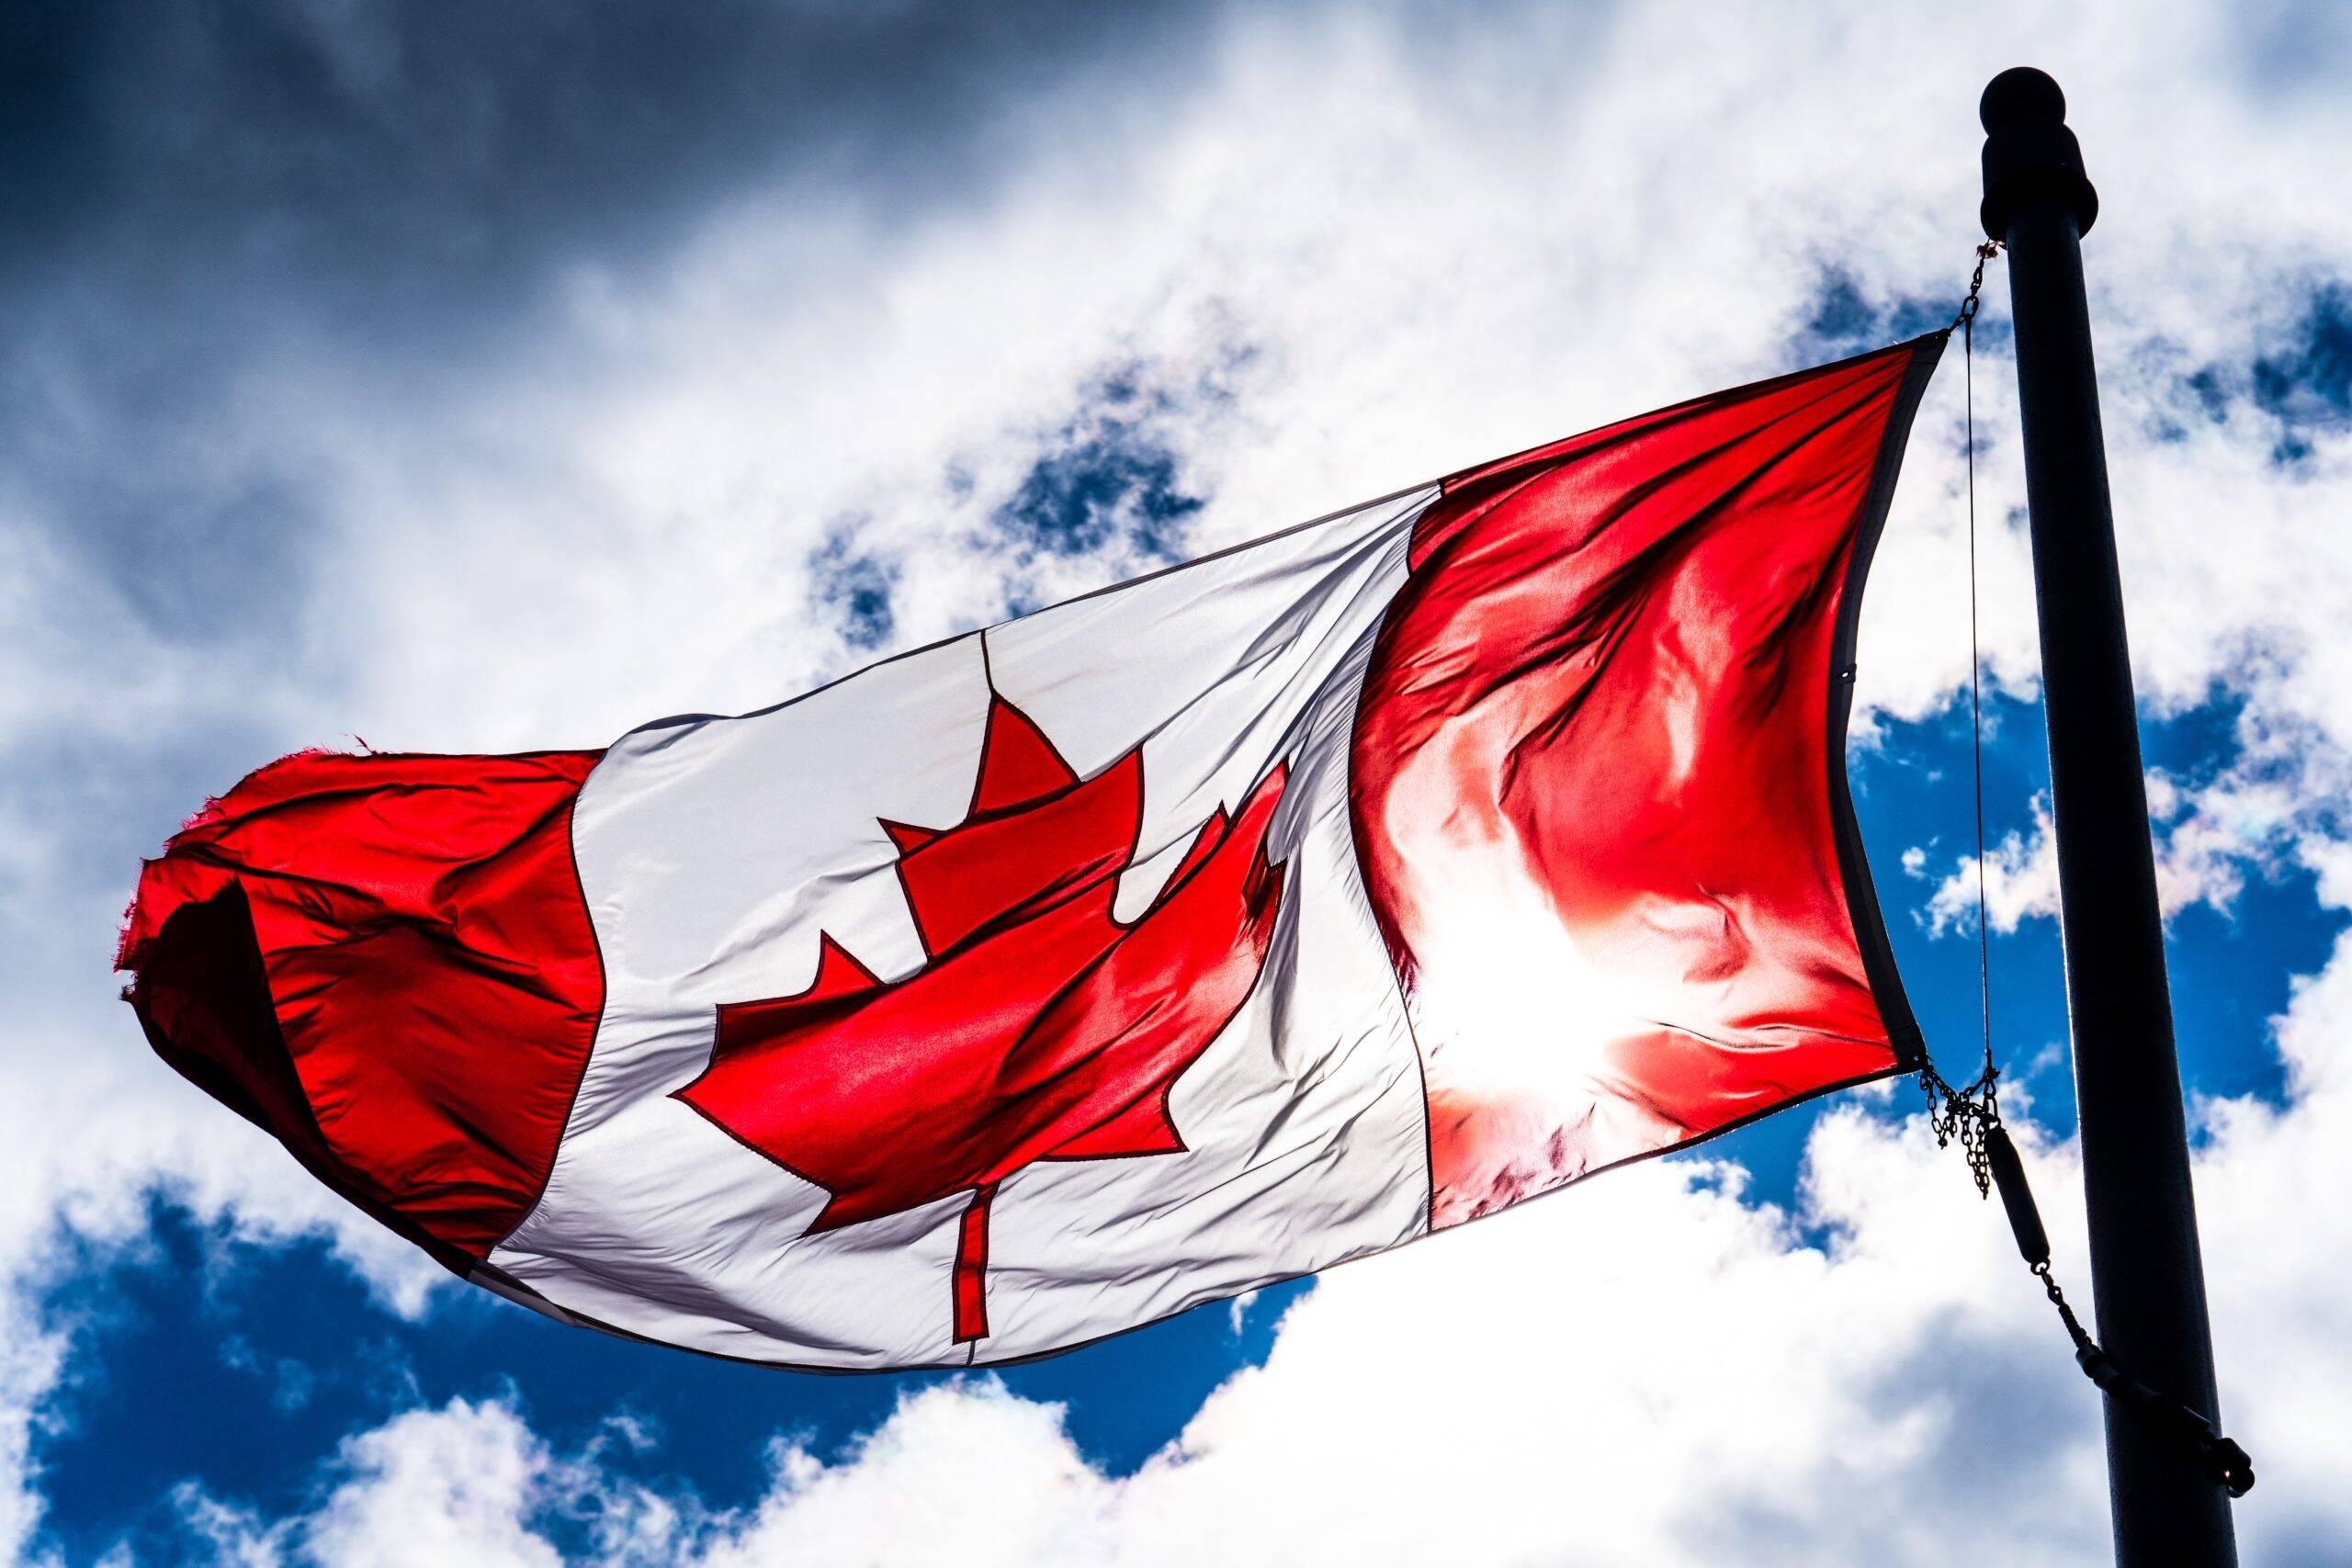 O Canadá, que recentemente veio sofrendo com o aumento de casos da variante Delta, está na 15° no ranking Global de vacinação. (Foto: Unsplash)